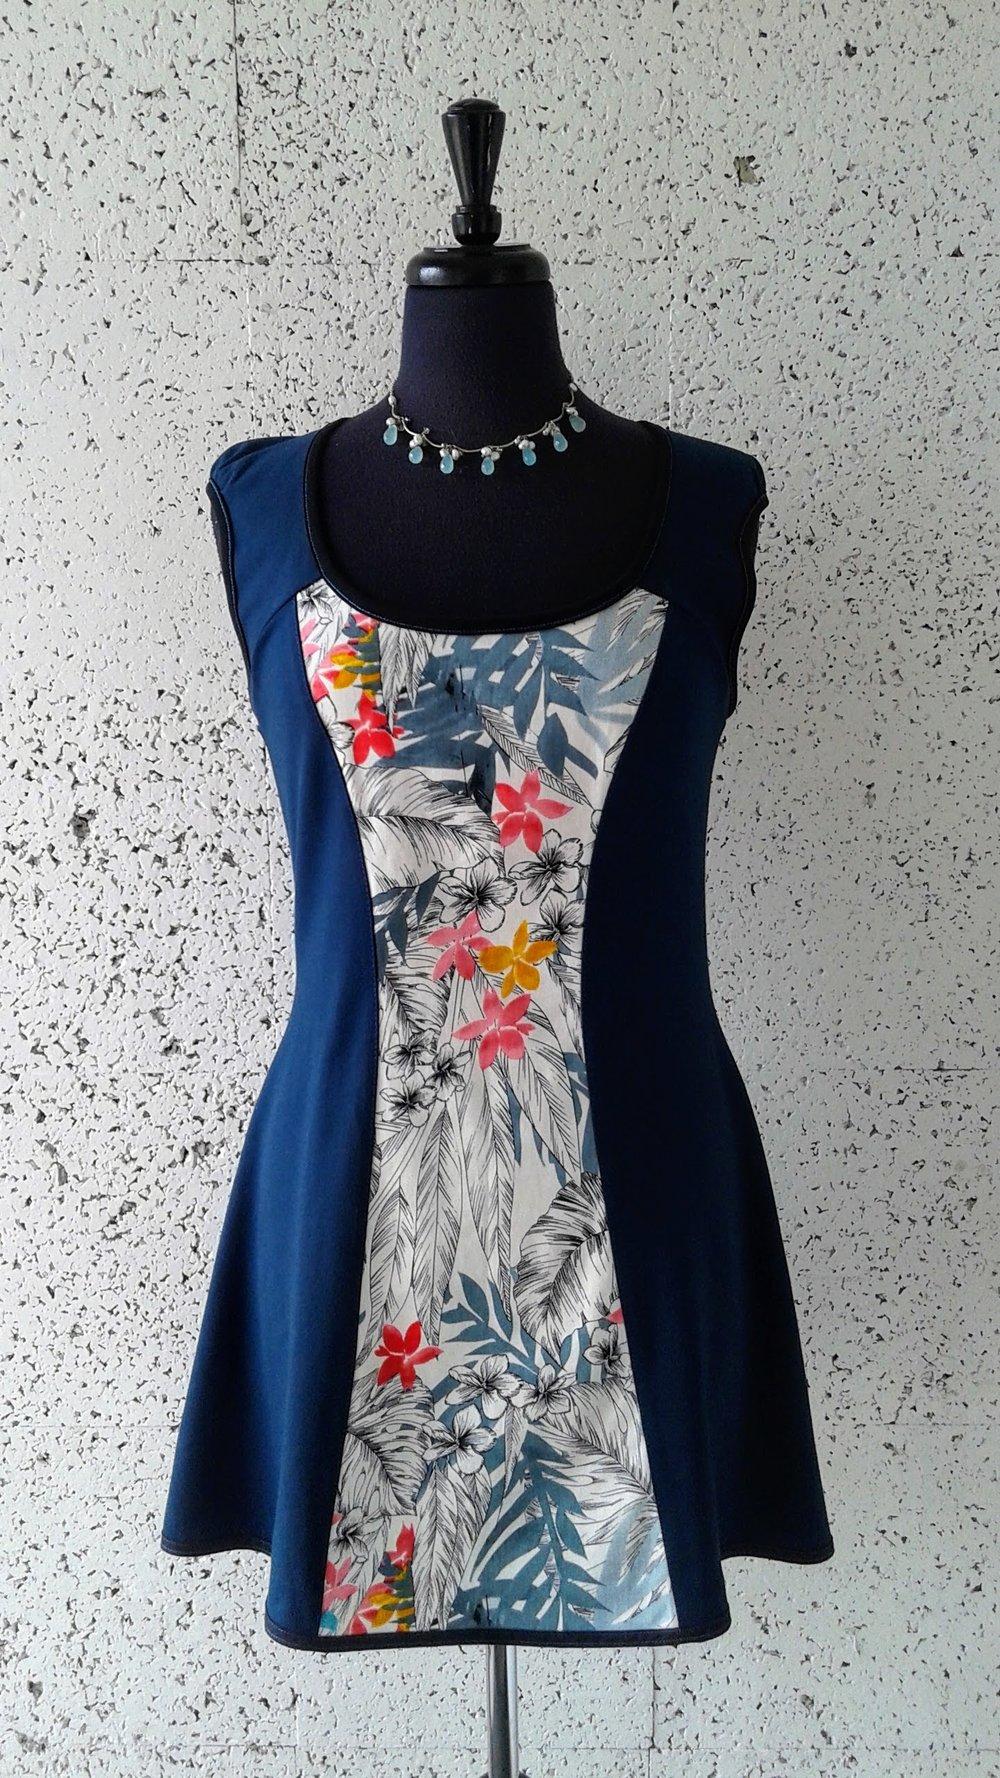 Kollonta dress; Size M, $46